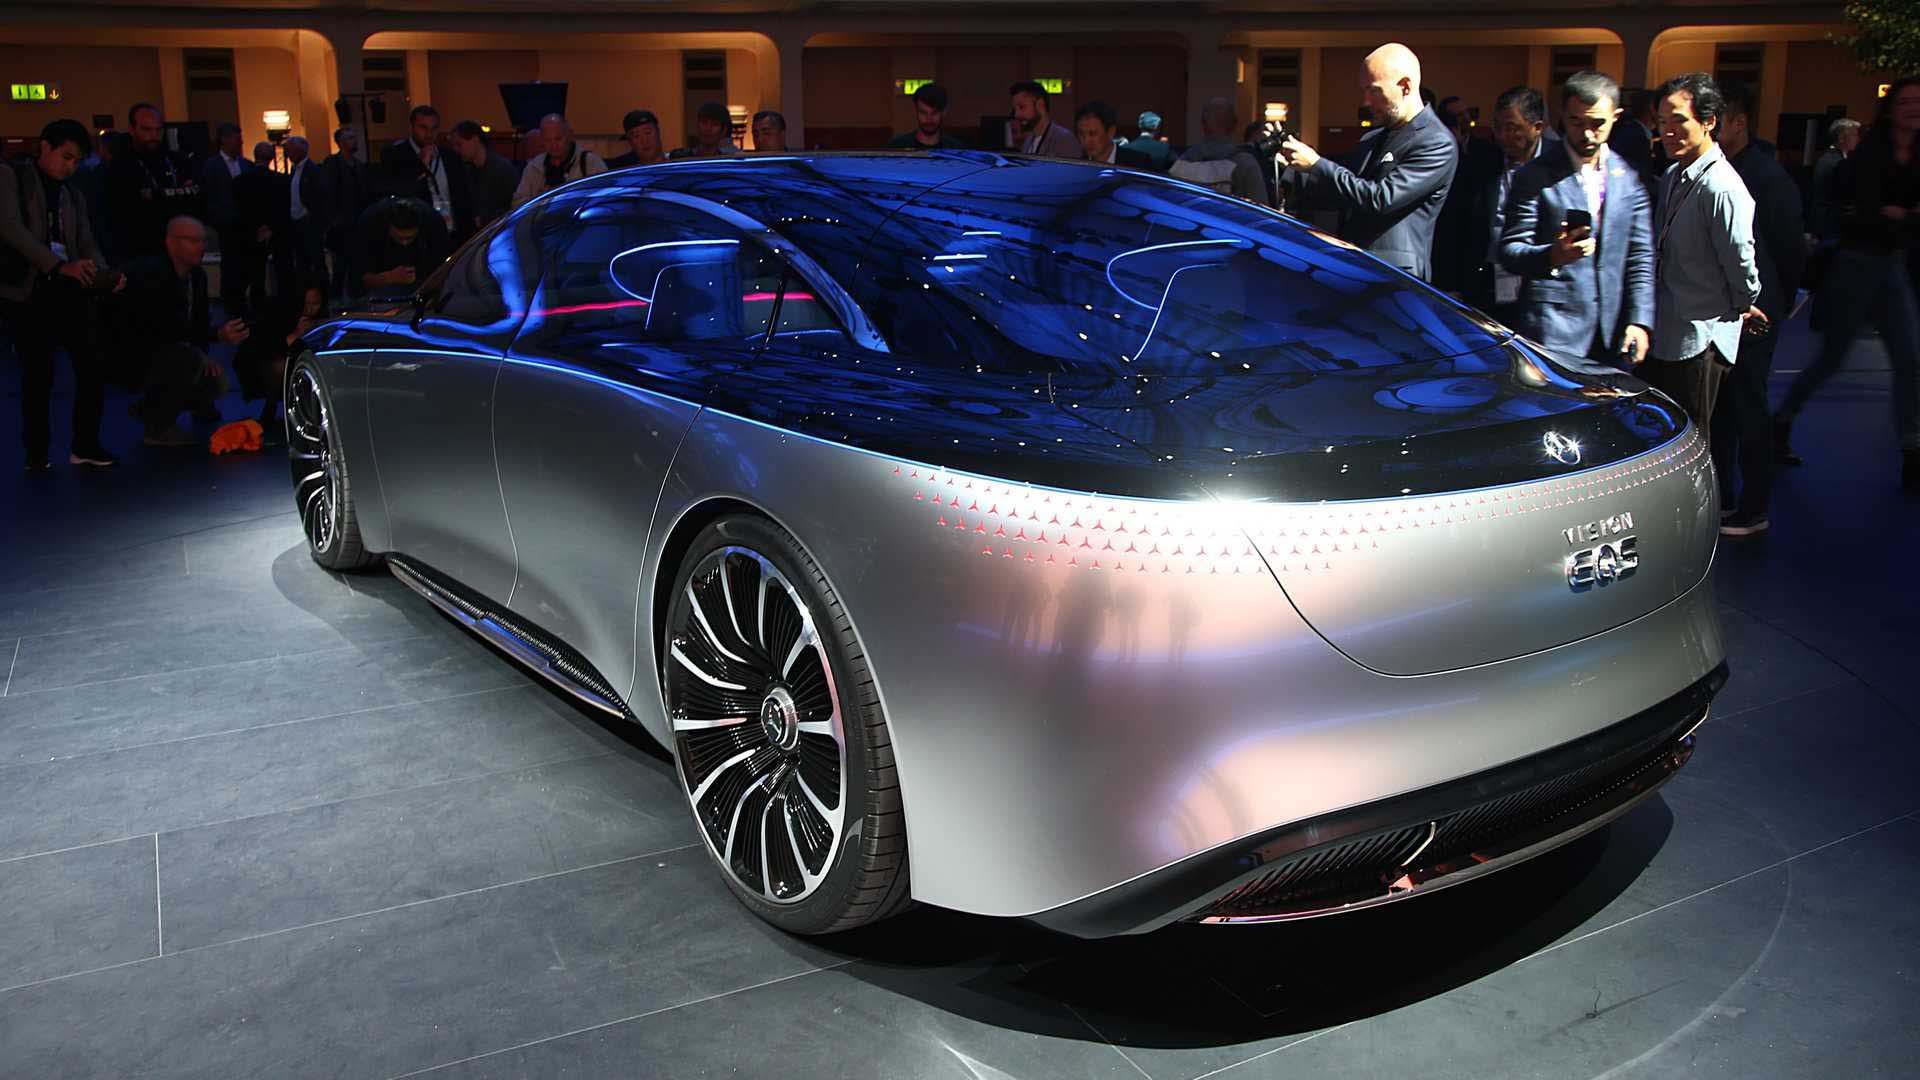 مرسدس بنز ، خودرویی از آینده-مونیخ سرویس